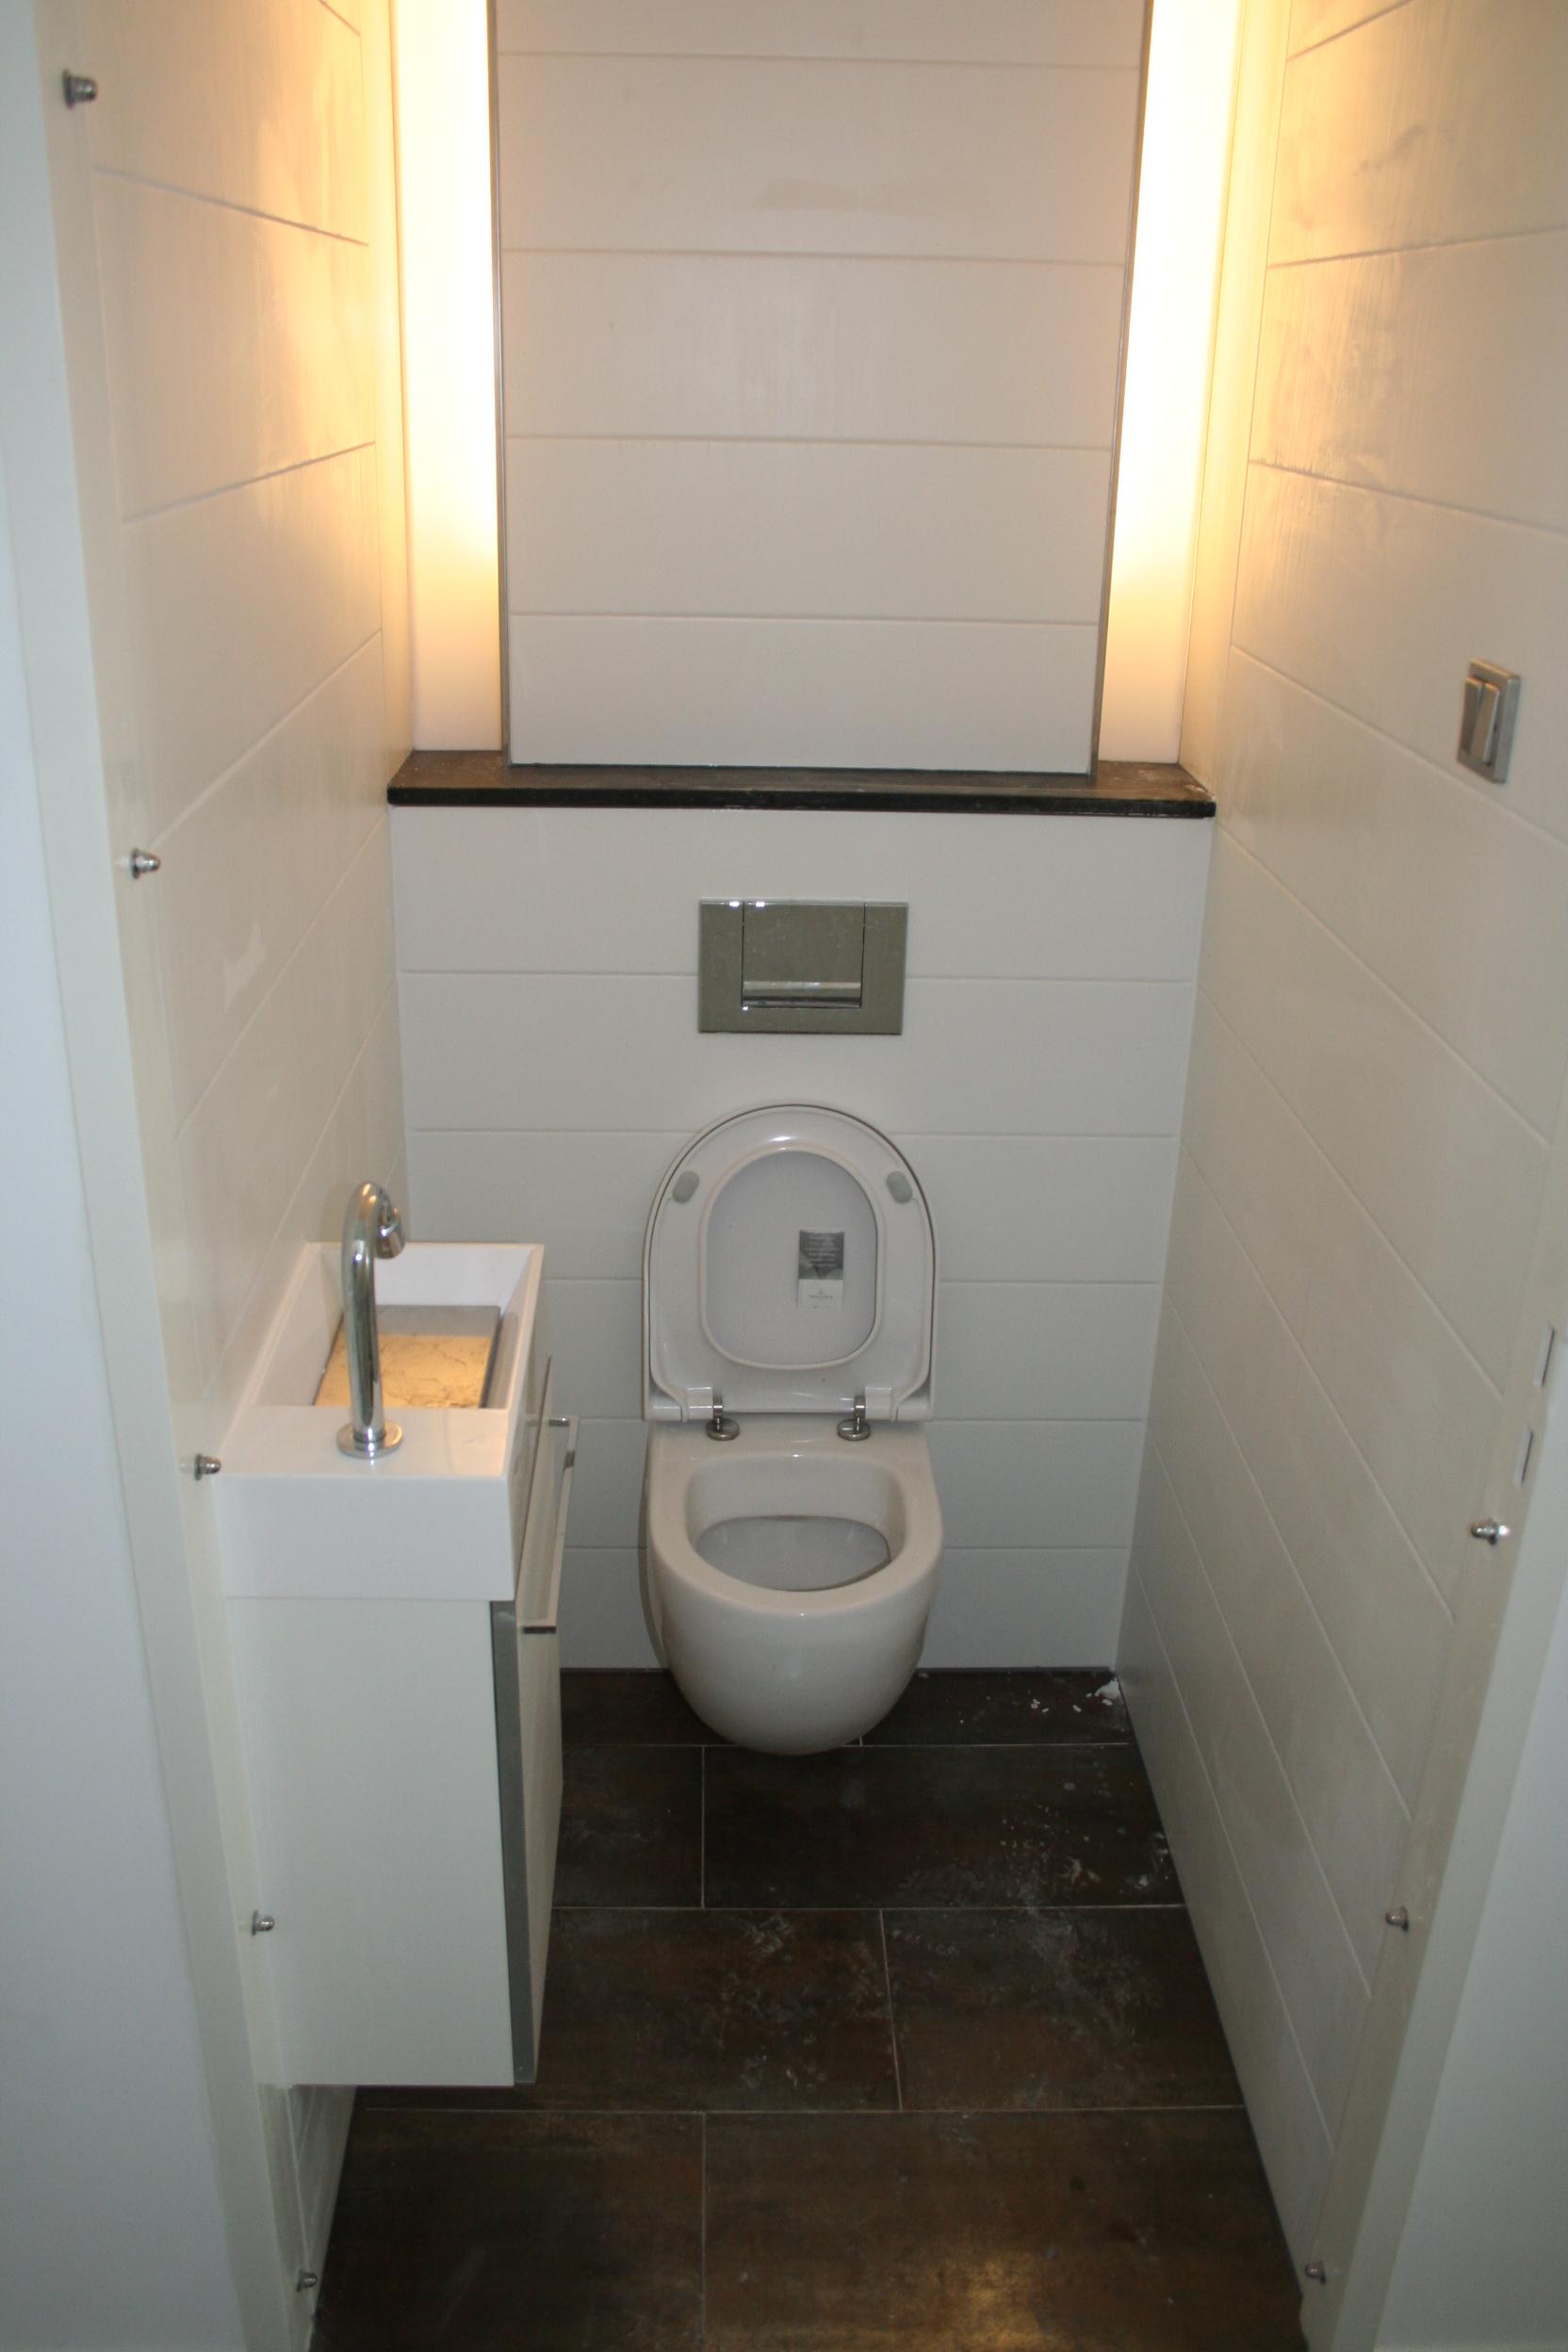 Badkamer frezen badkamer ontwerp idee n voor uw huis samen met meubels die het - Idee badkamer m ...